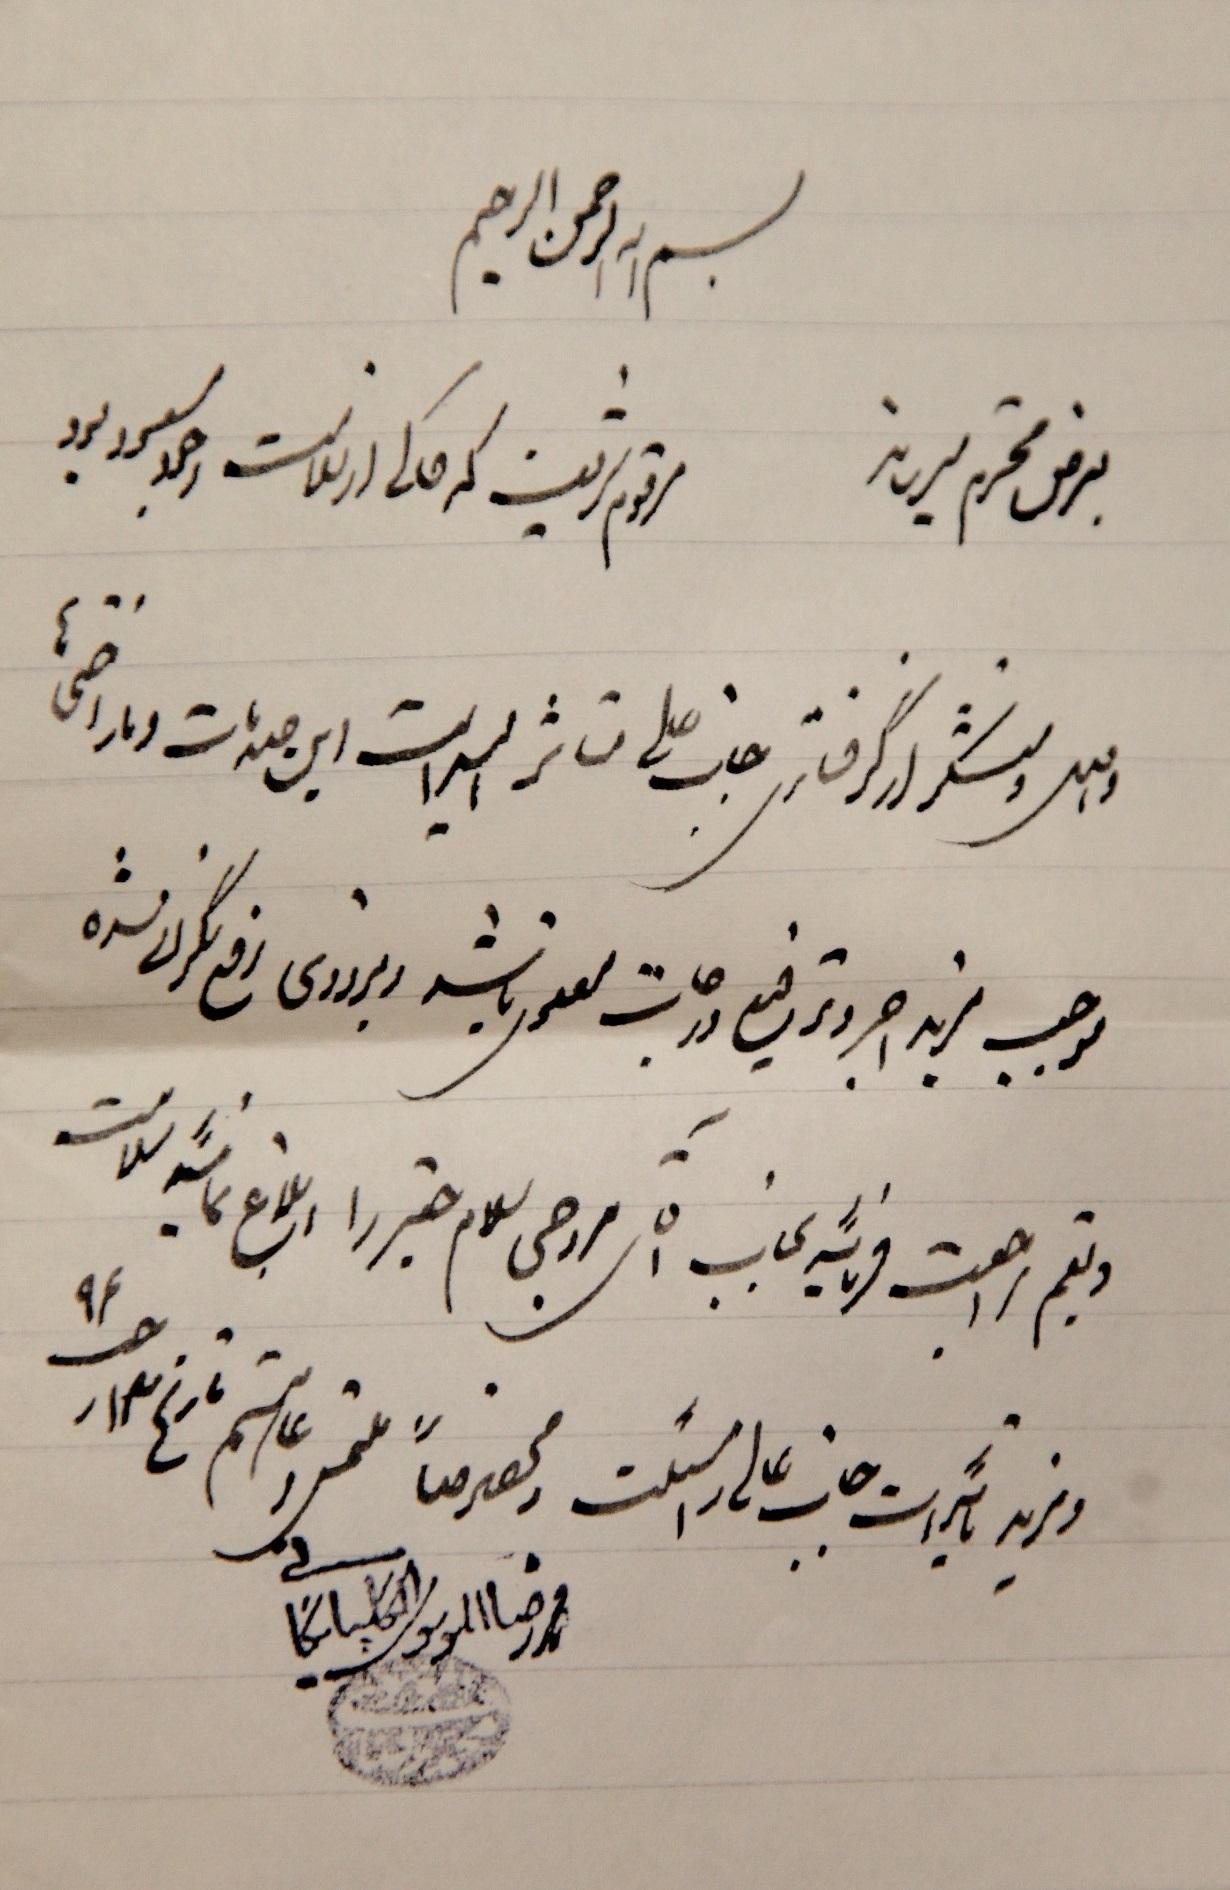 نامه آیت الله گلپایگانی(ره) به آیت الله انصاری شیرازی(ره)